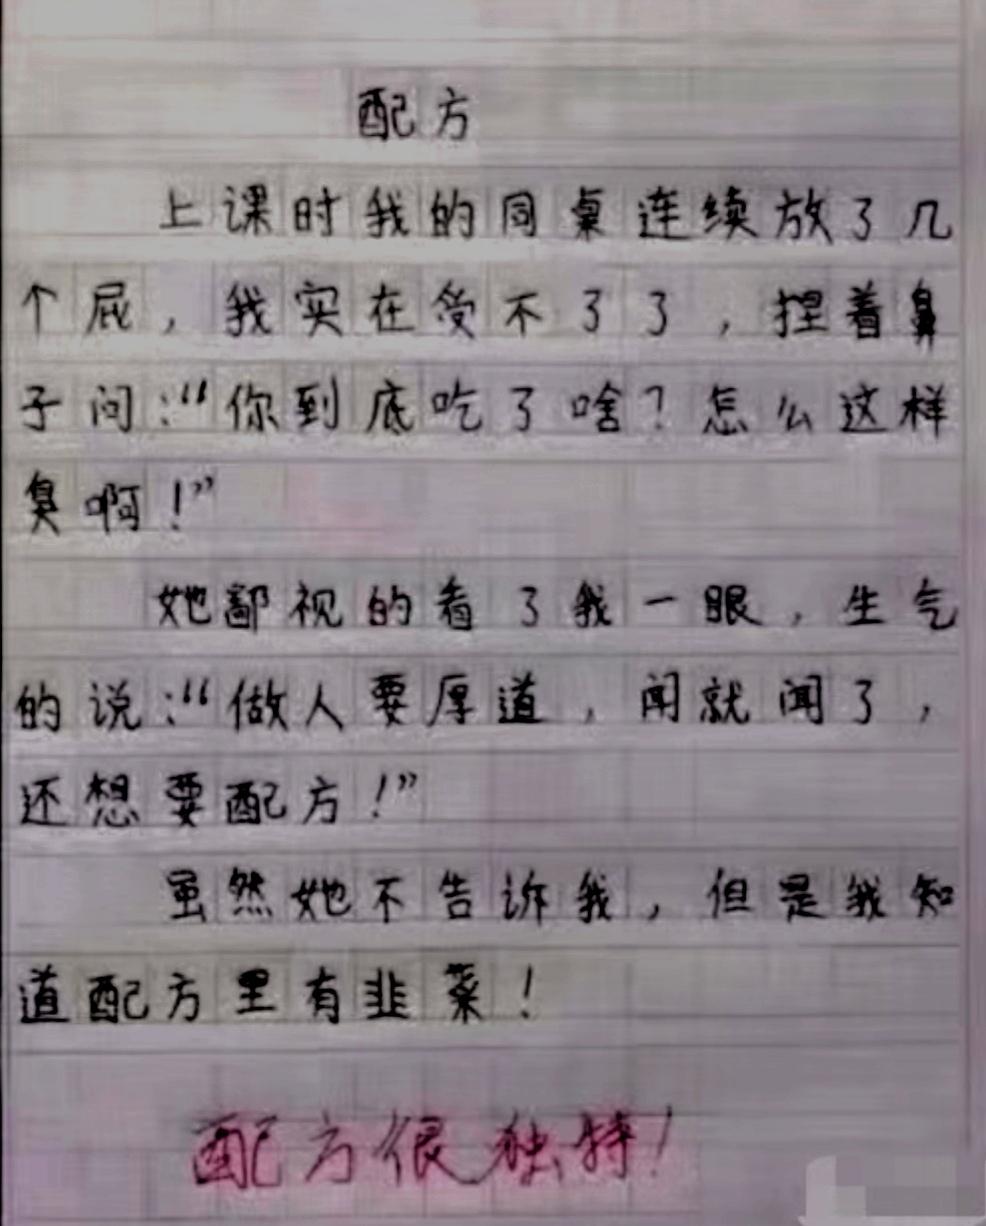 小学生写作文   气坏全家 笑坏老师   太有才了